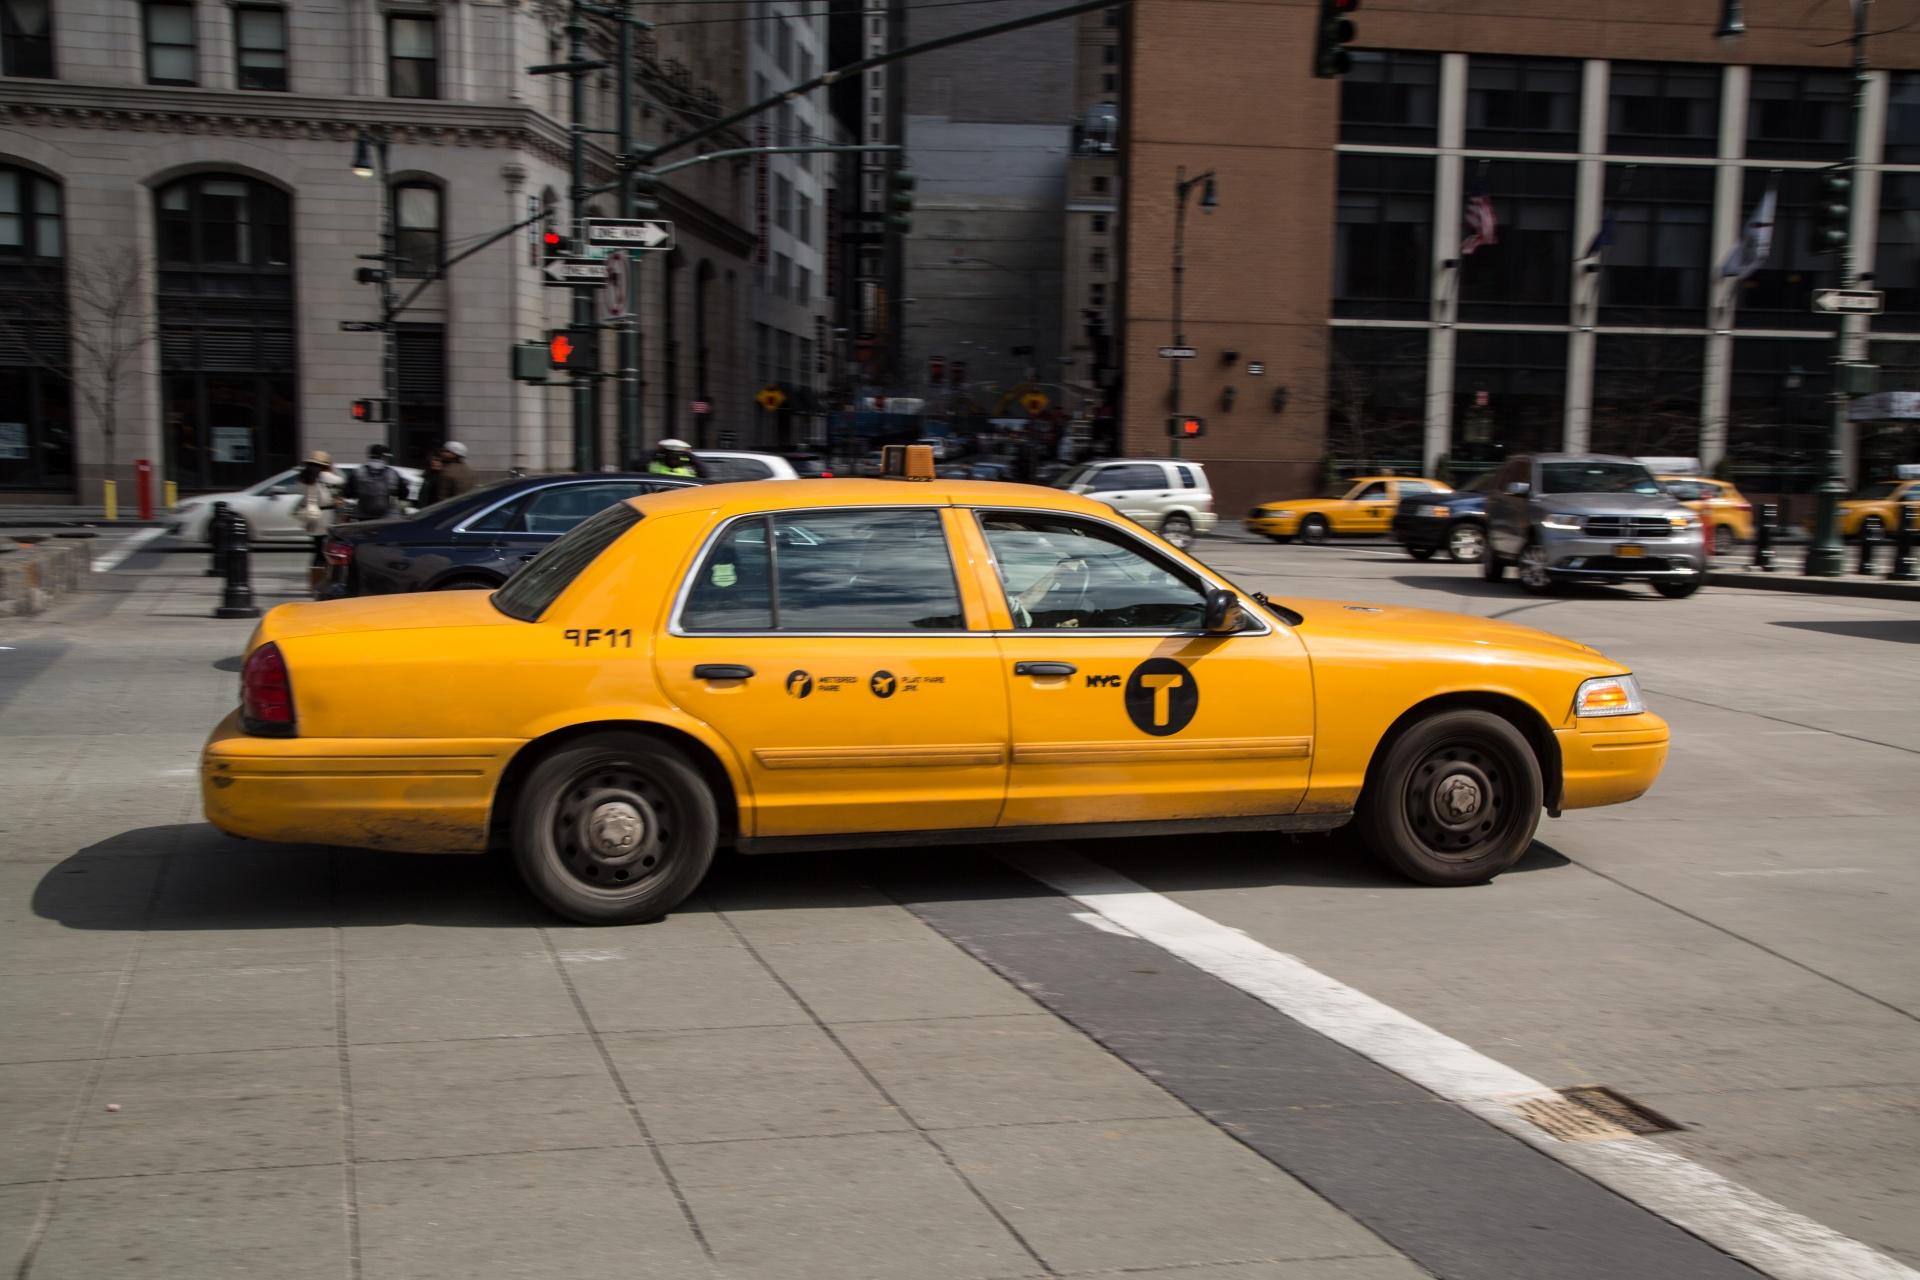 taxi 12550 - HD1920×1280